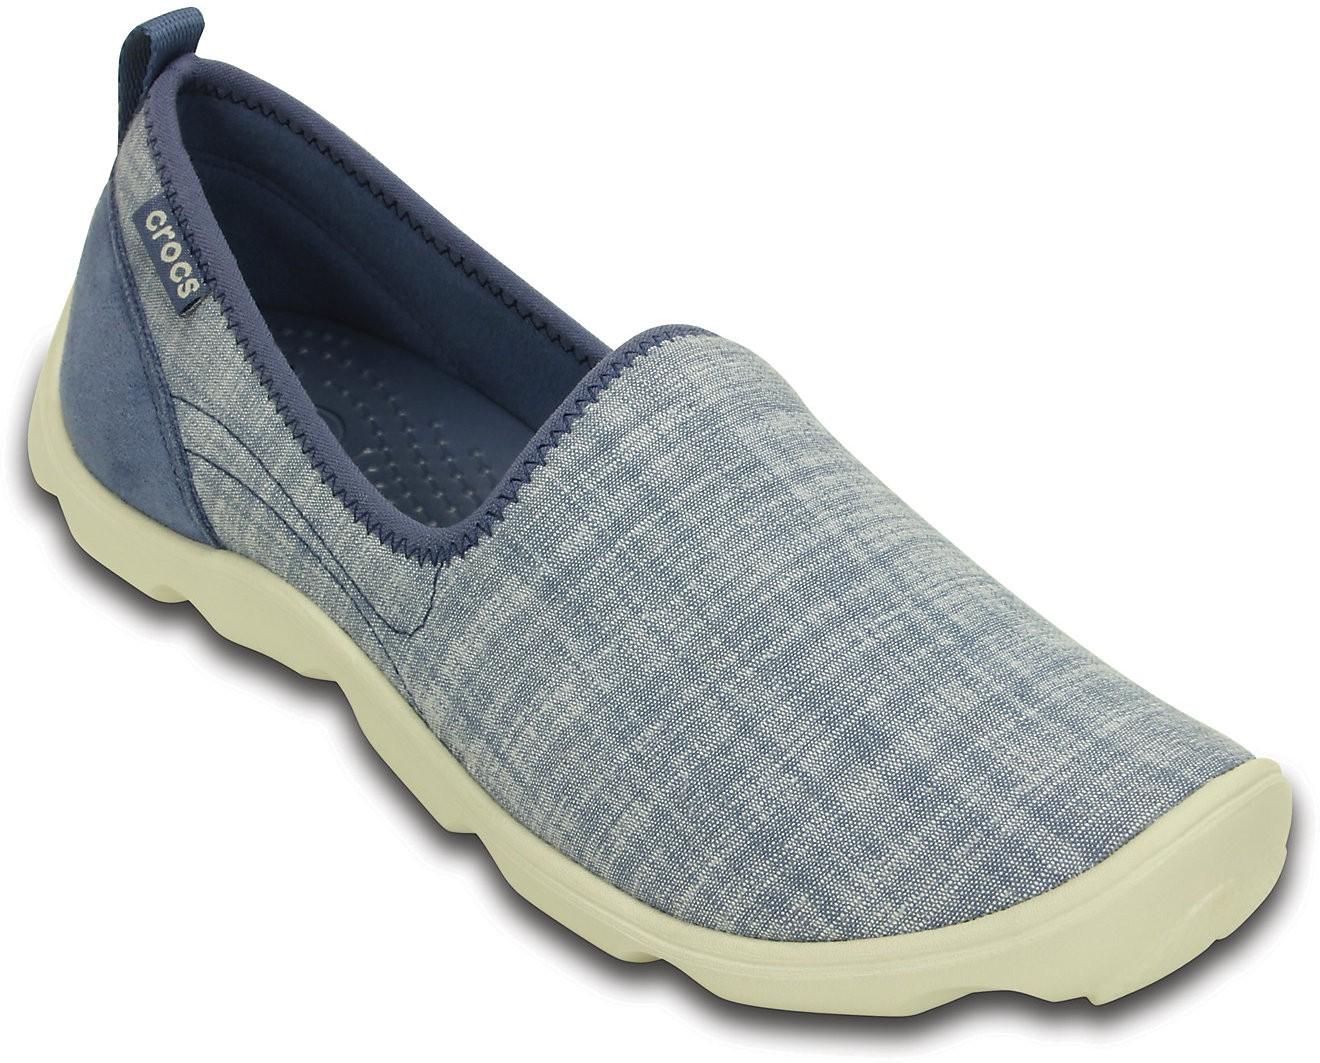 2e7703e59 Crocs Casual Shoes in Empress Mall